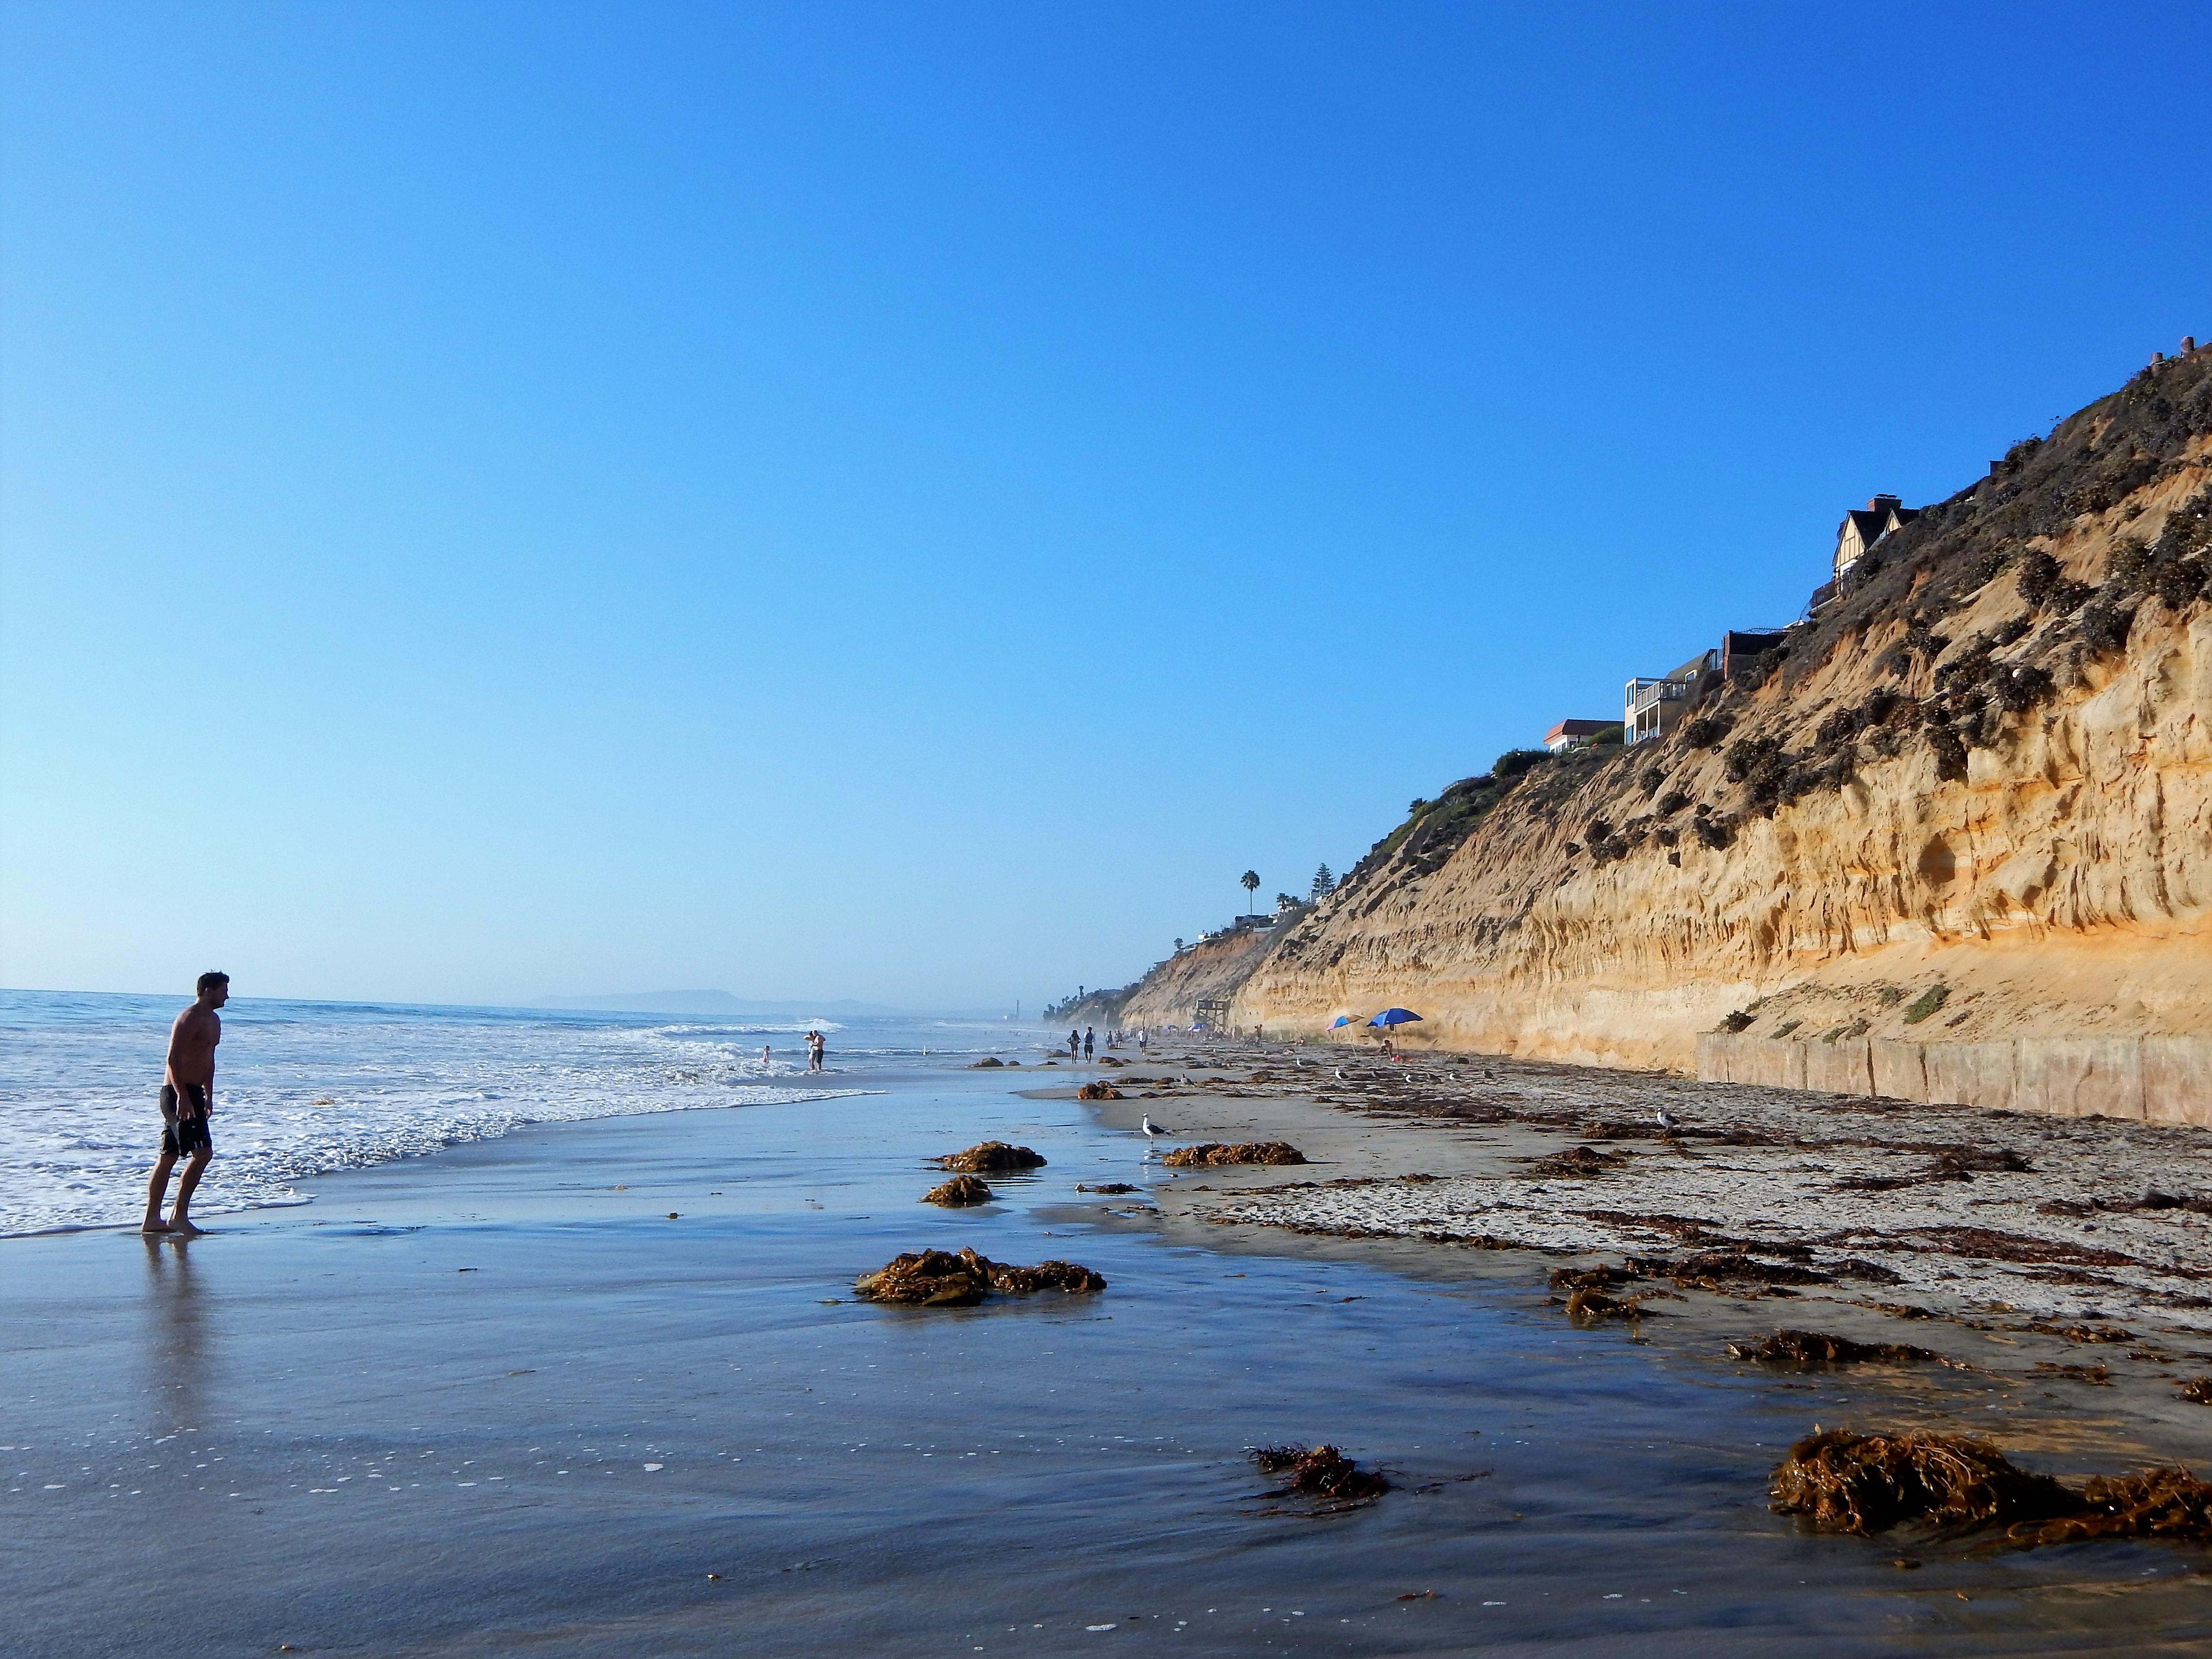 D Street Beach, Encinitas, CA - California Beaches